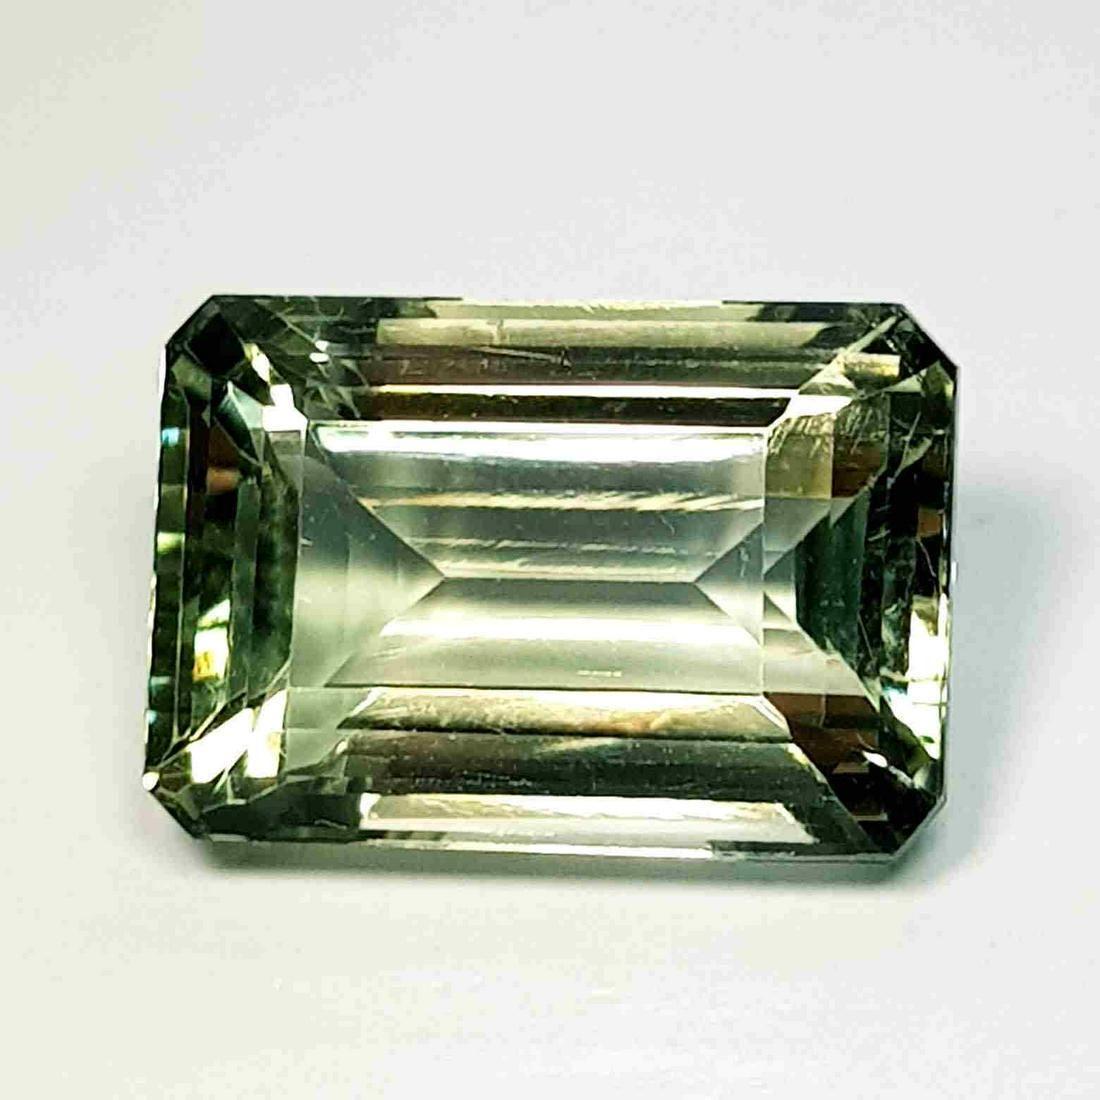 Natural Green Amethyst Emerald Cut 15.45 ct